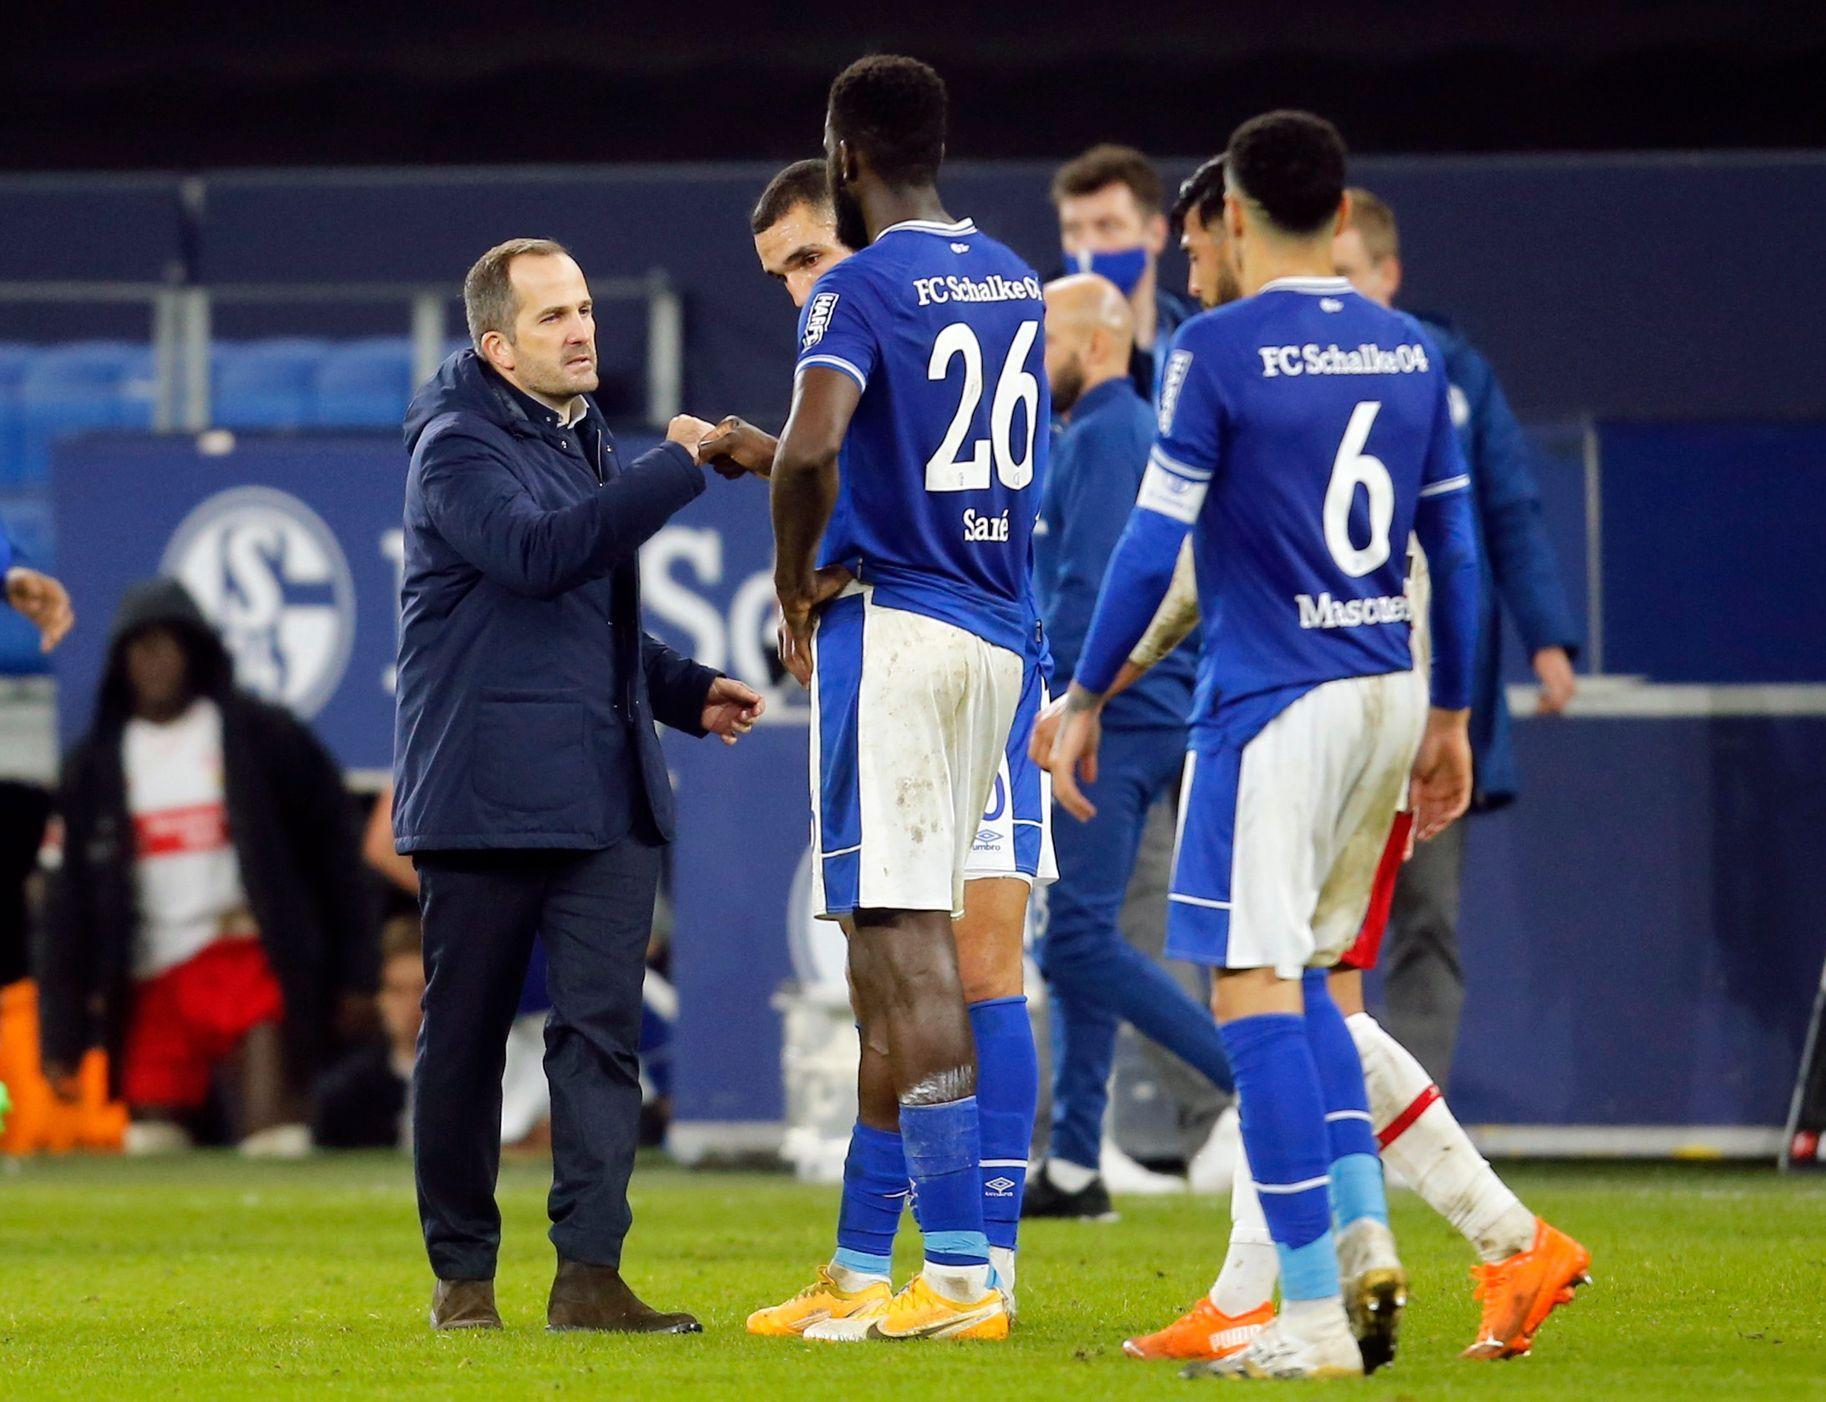 Vfb Schalke 2021